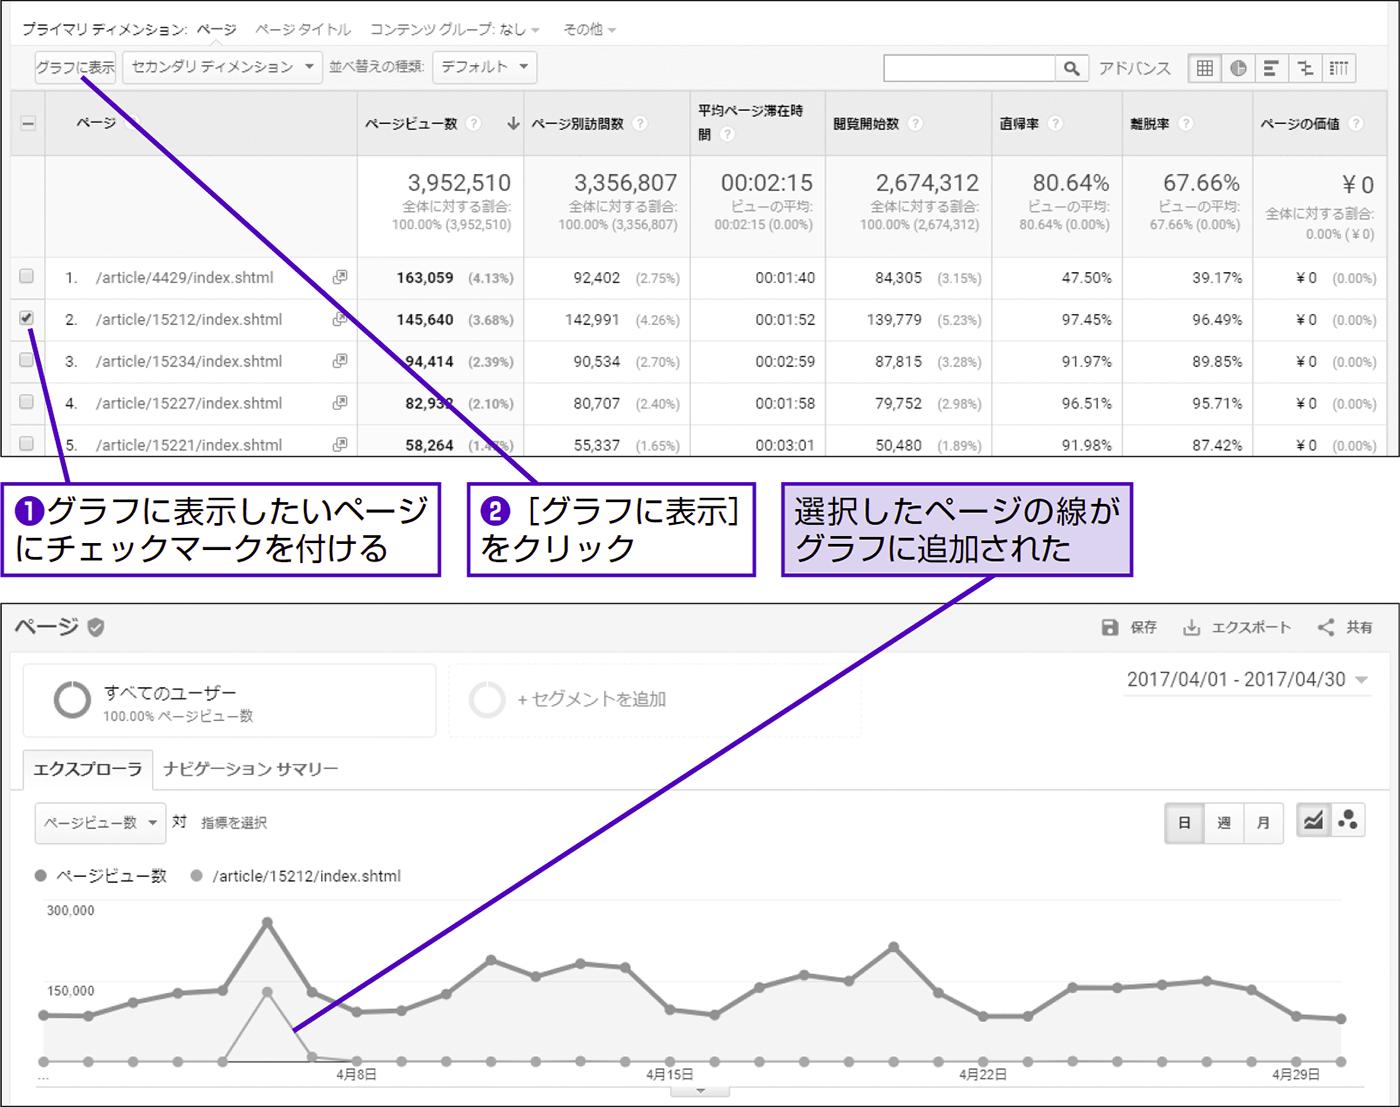 突然のセッション数や直帰率の大きな増減の原因を見つける - できる逆引き Googleアナリティクス 増補改訂2版